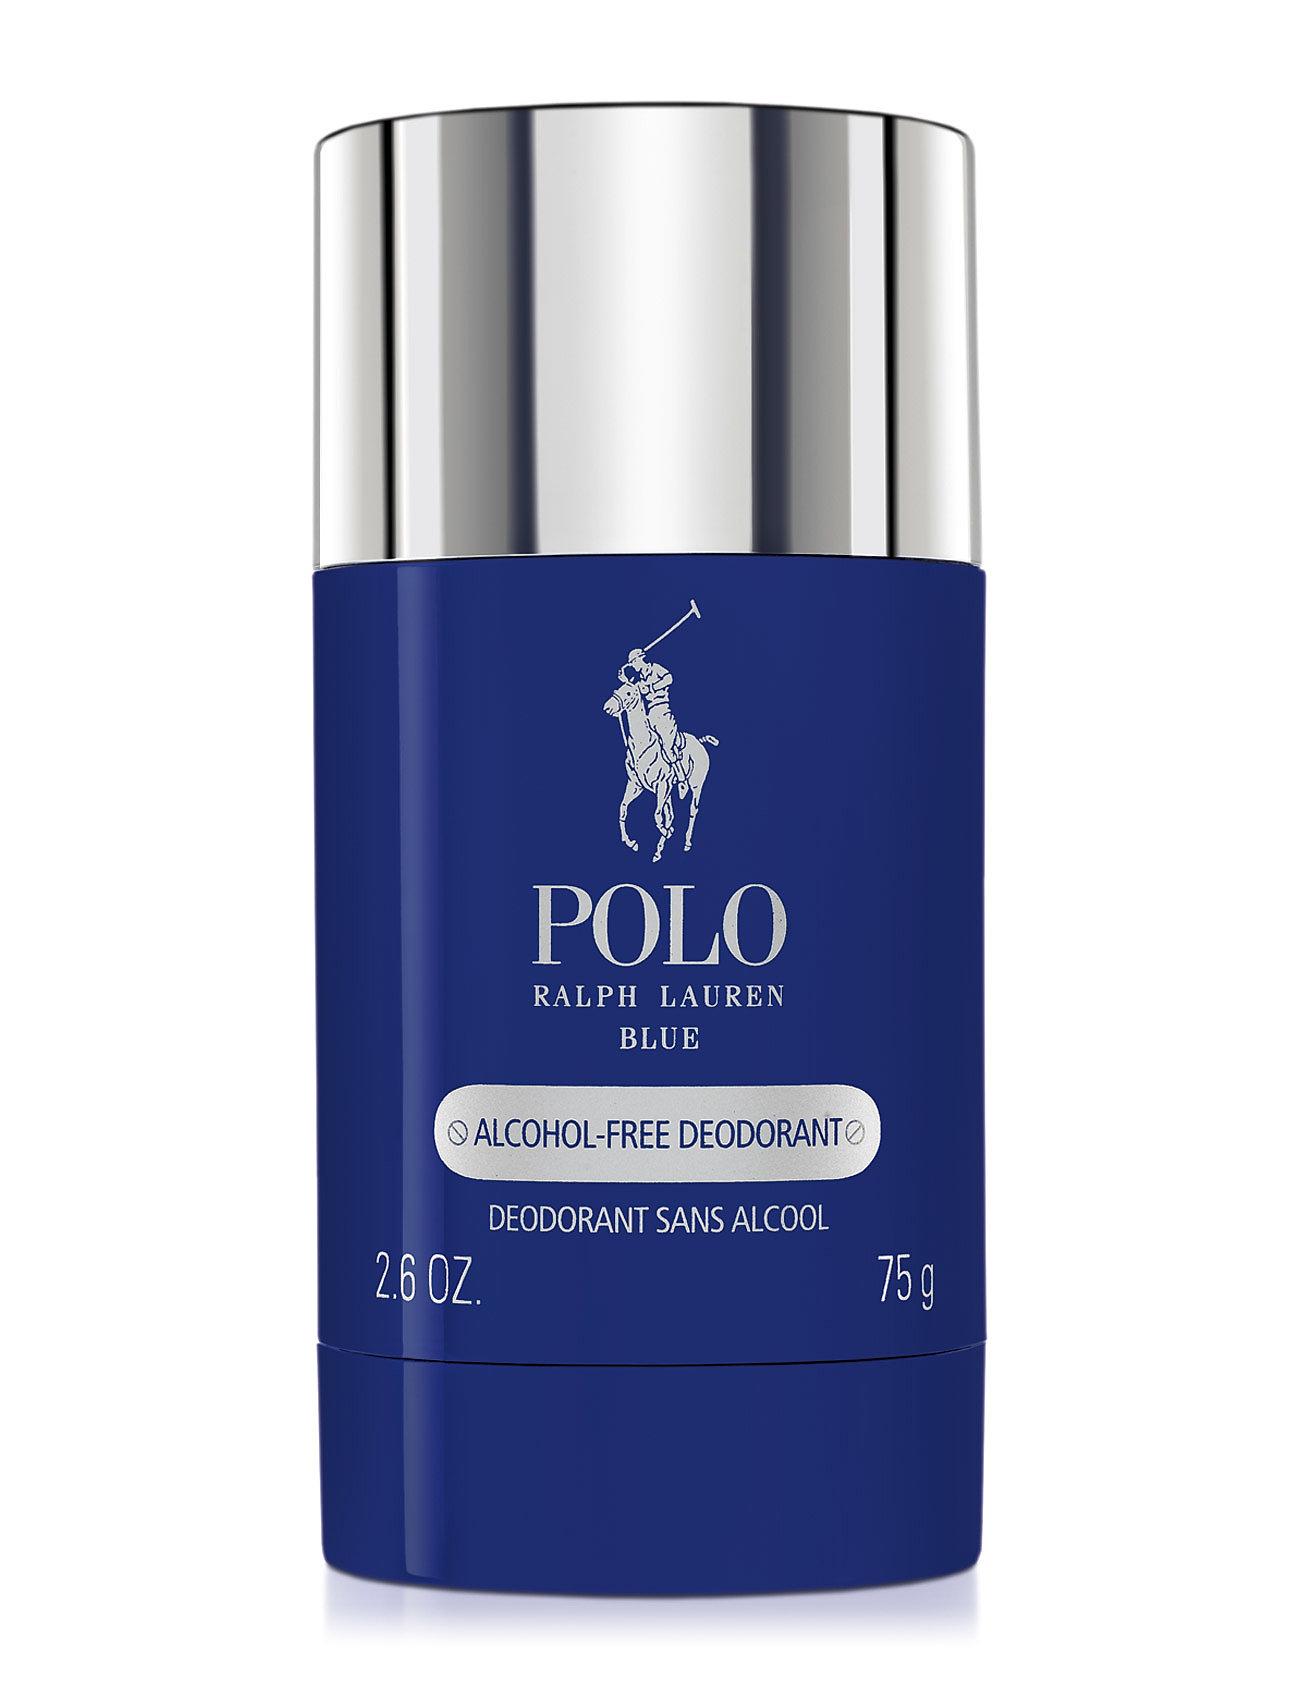 ralph lauren Ralph lauren polo blue eau de parfum deodorant stick 75g på boozt.com dk